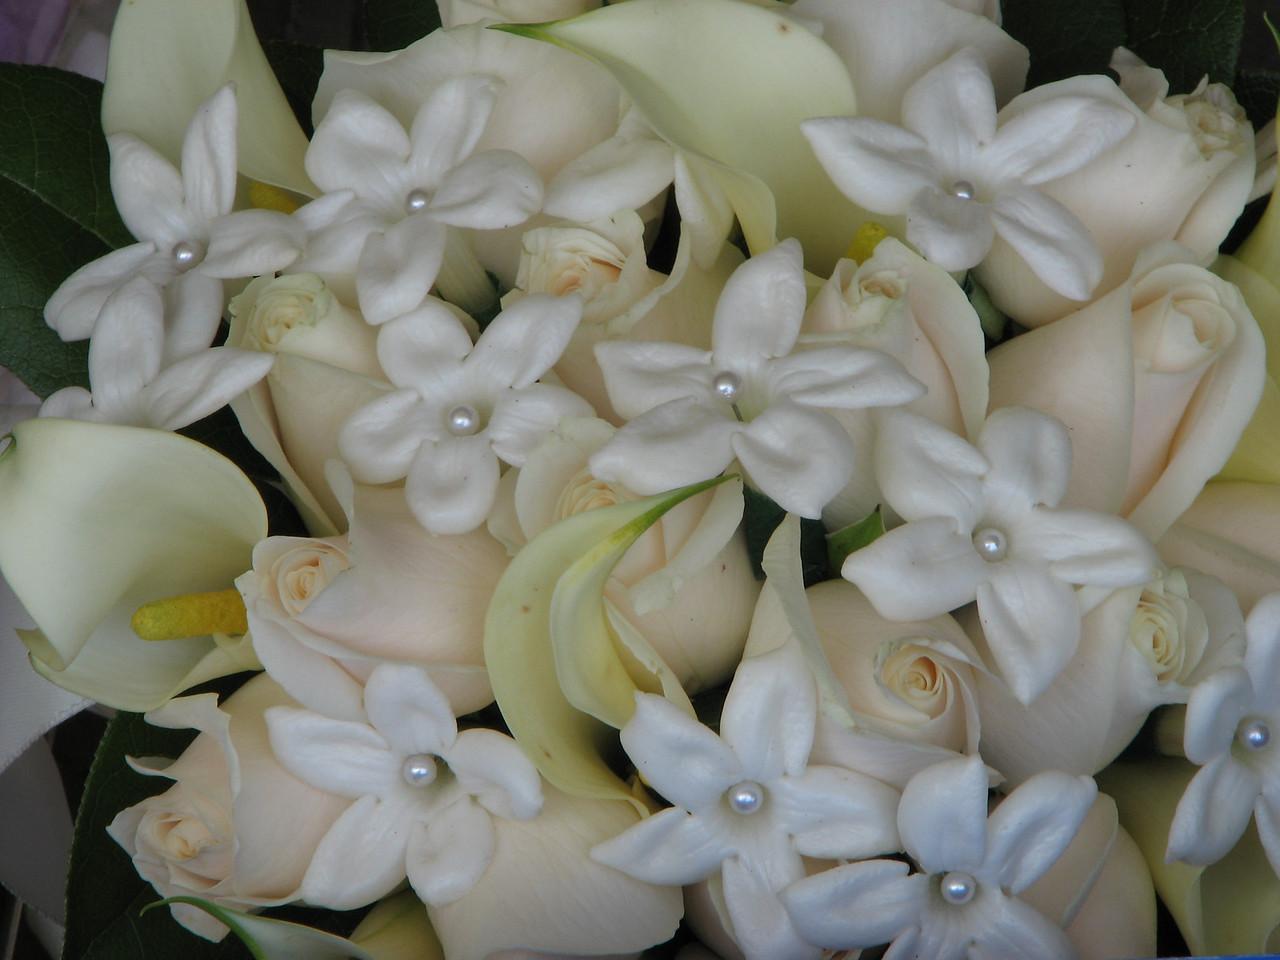 2007 06 09 Sat - Bridal bouquet up close